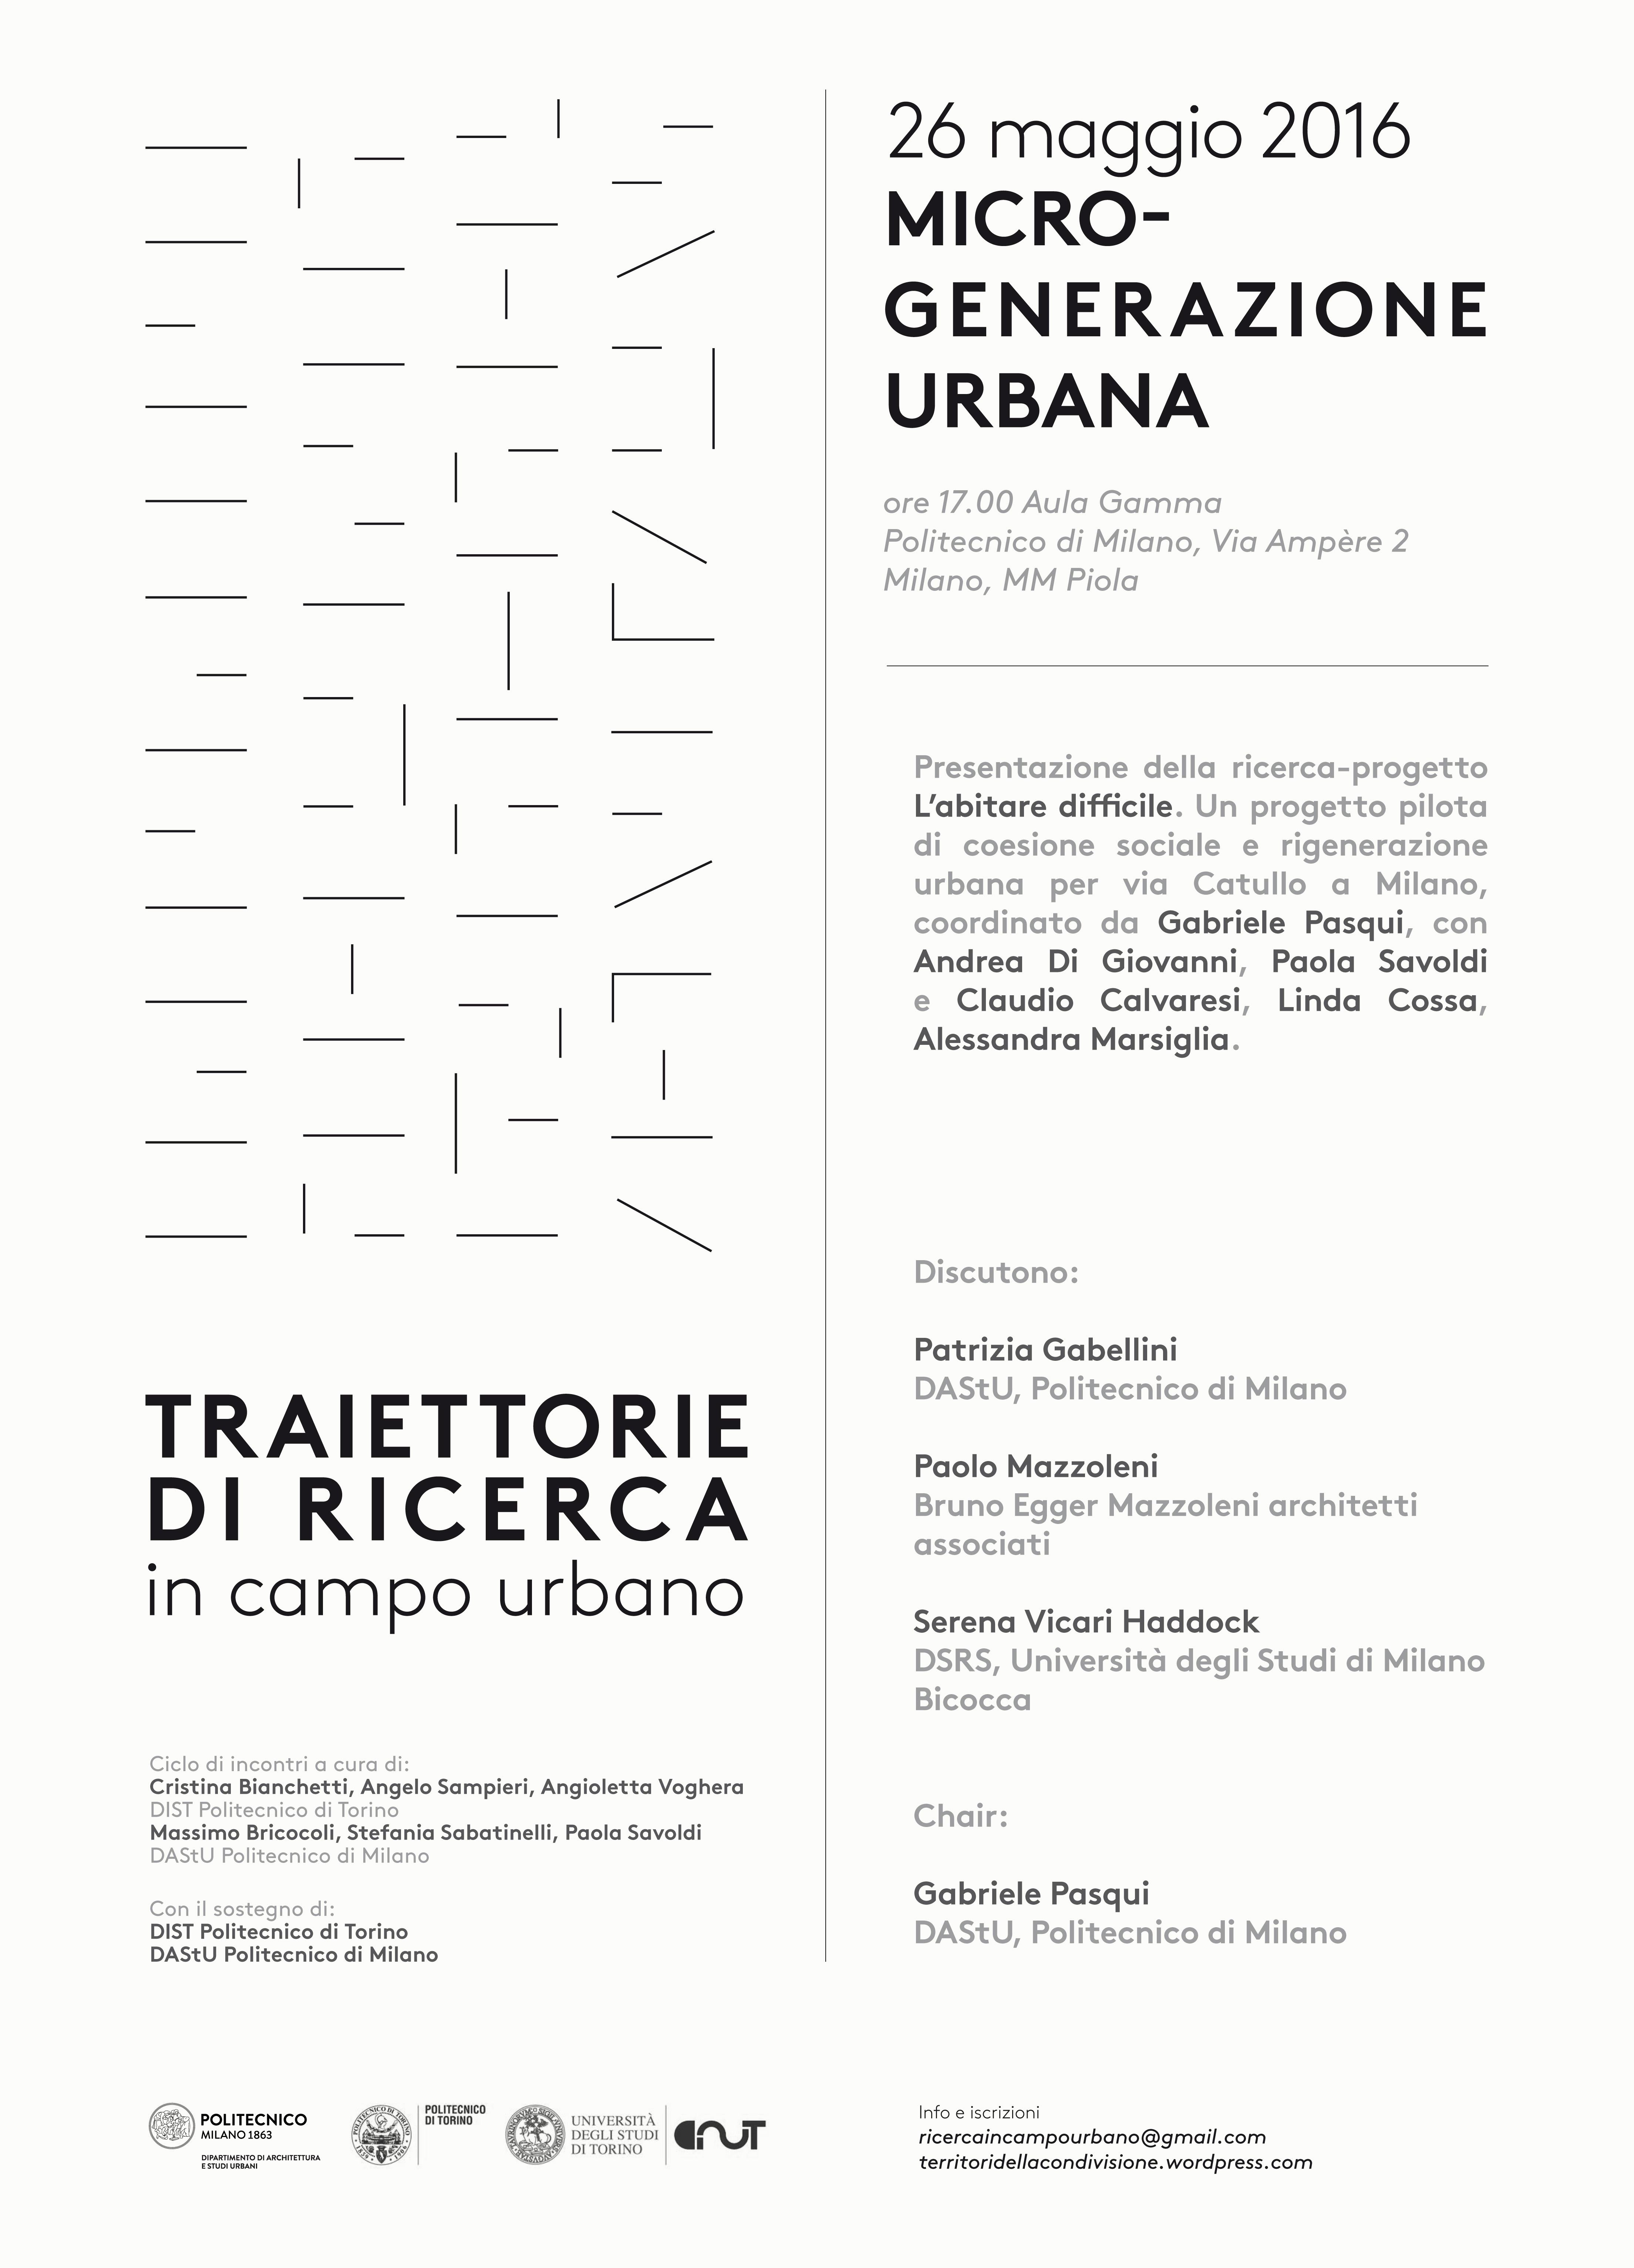 Traiettorie di Ricerca in Campo Urbano - programma incontro 26 maggio 2016